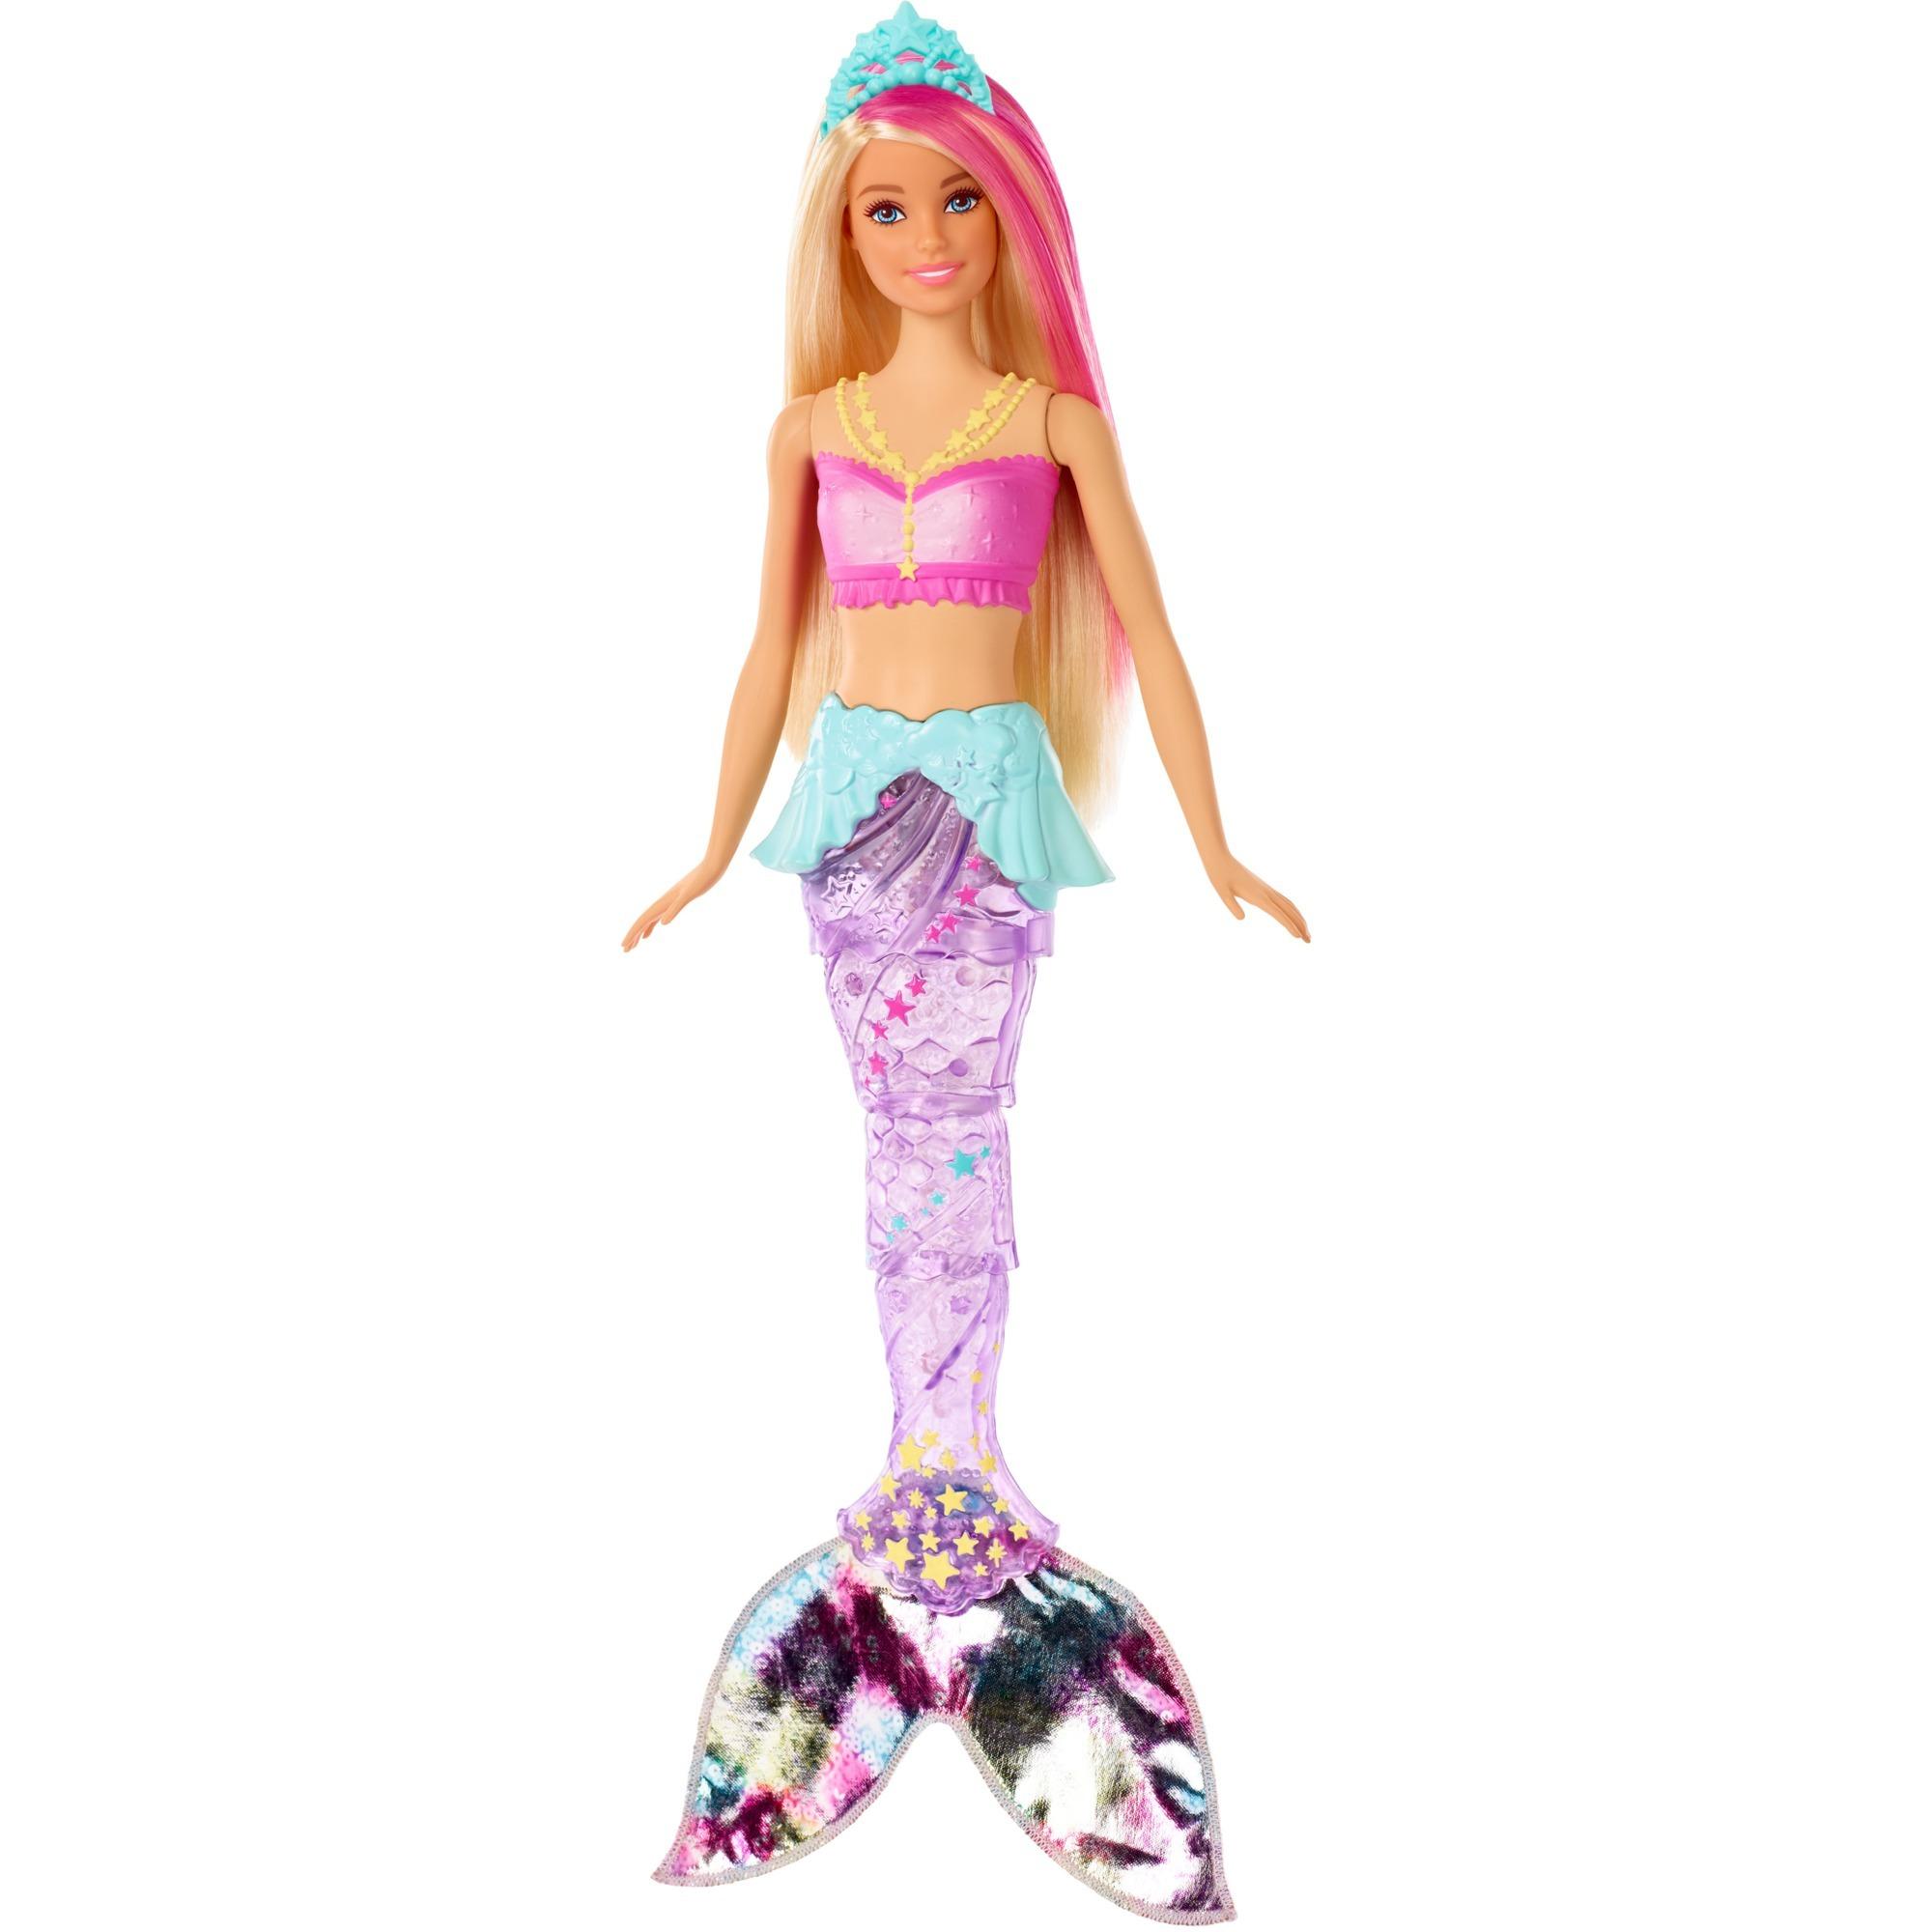 Barbie - Sirena Nada y Brilla - Muñeca Dreamtopia